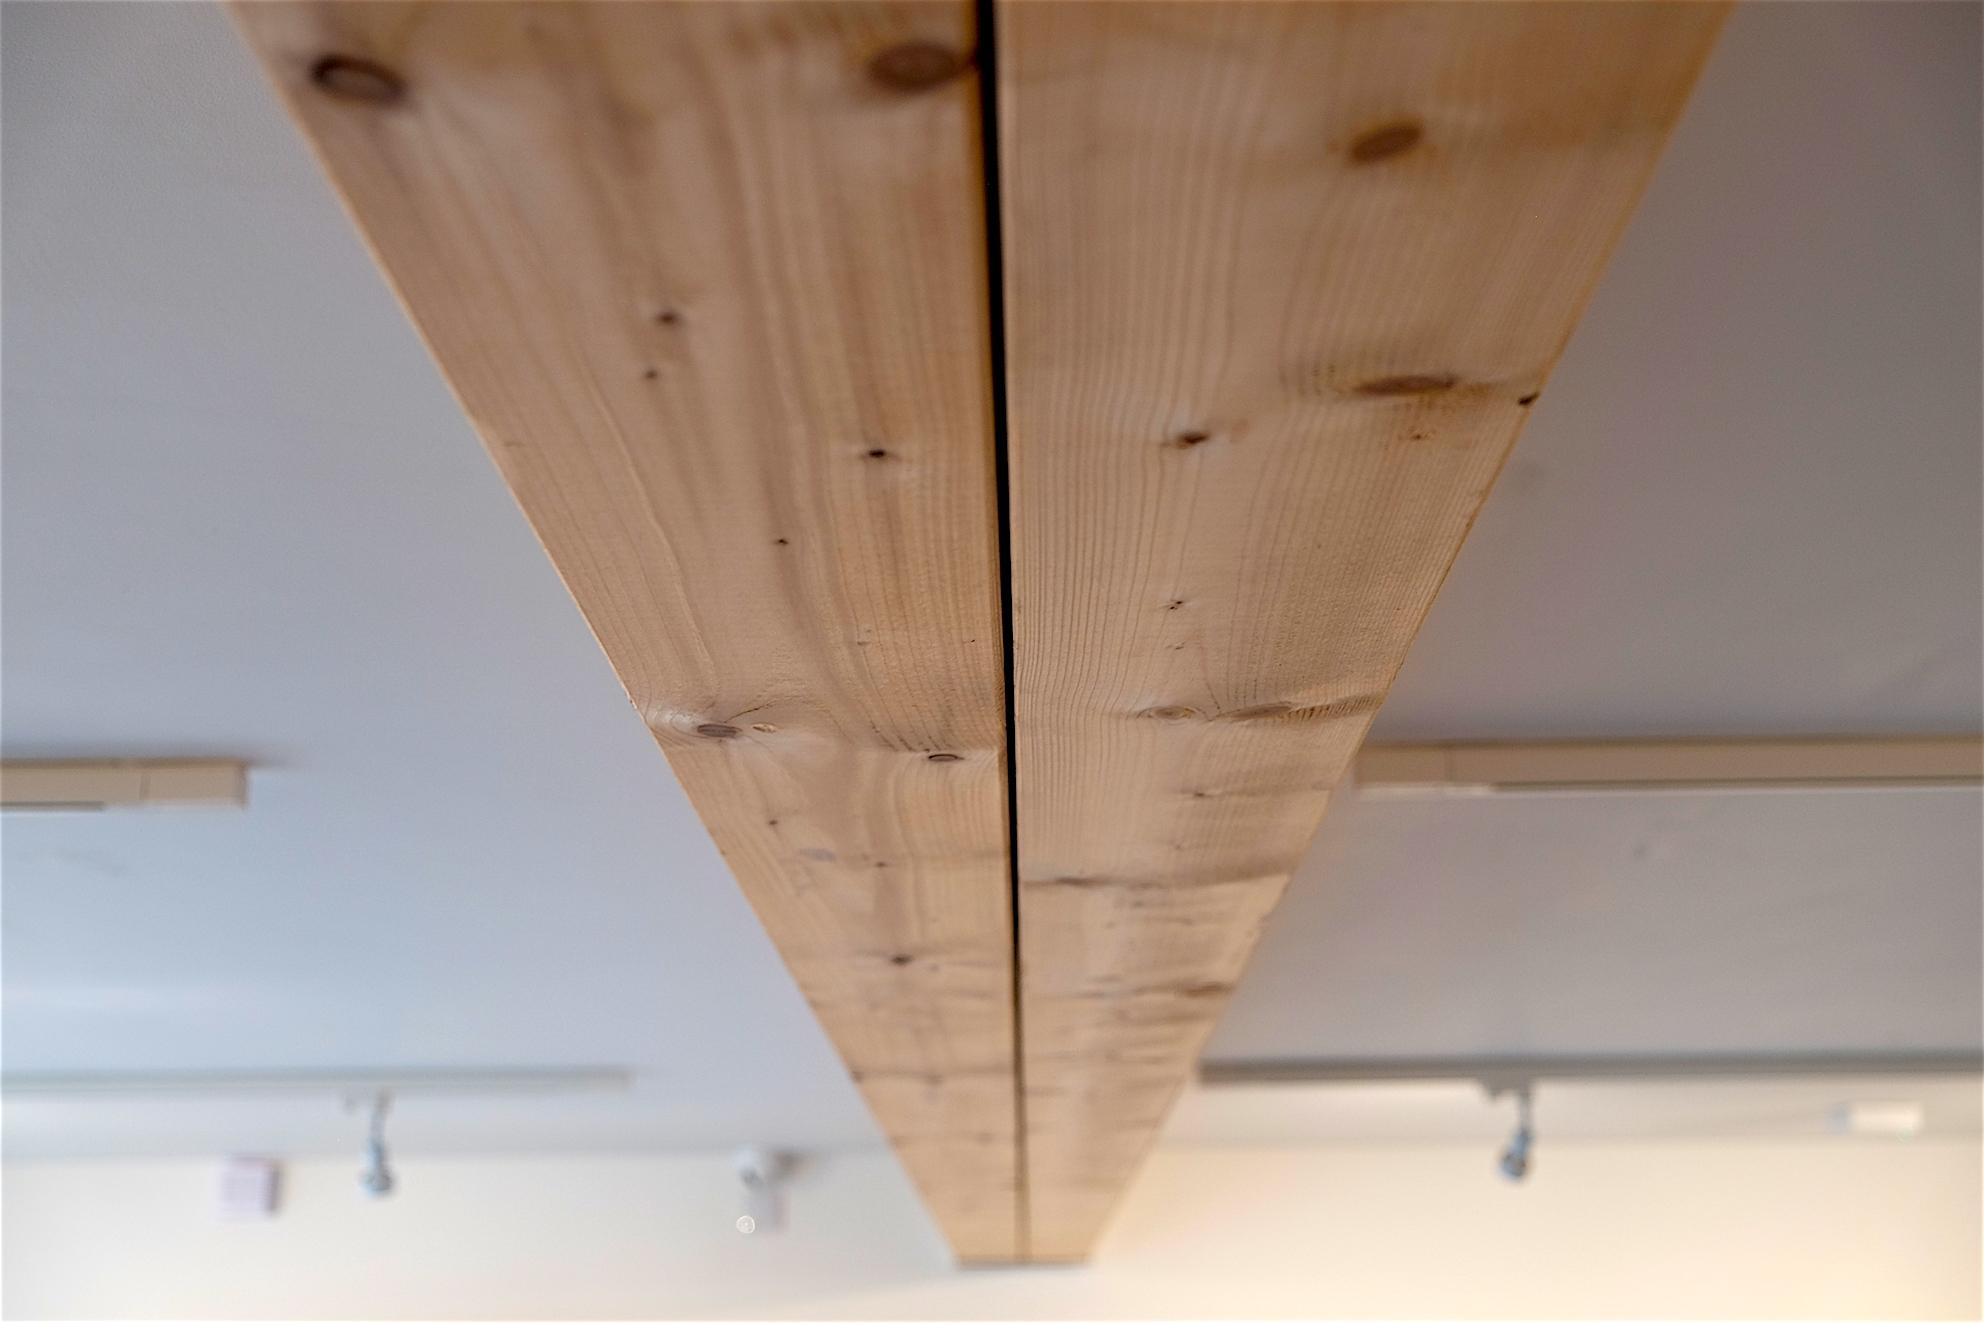 Internal wooden beam detail